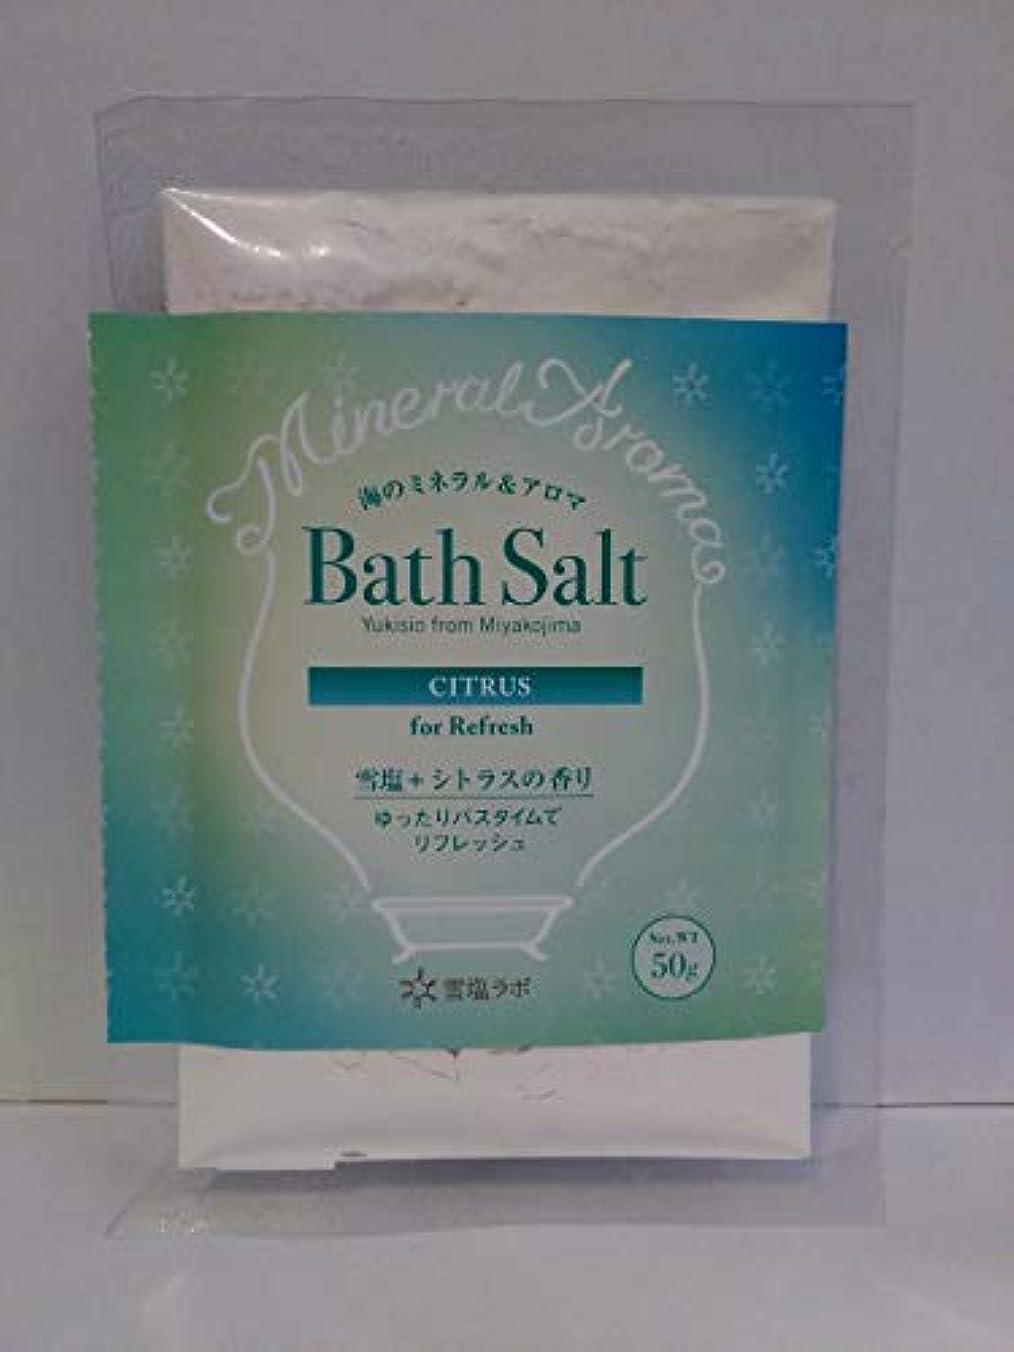 息切れ電気技師ずっと海のミネラル&アロマ Bath Salt 雪塩+シトラスの香り